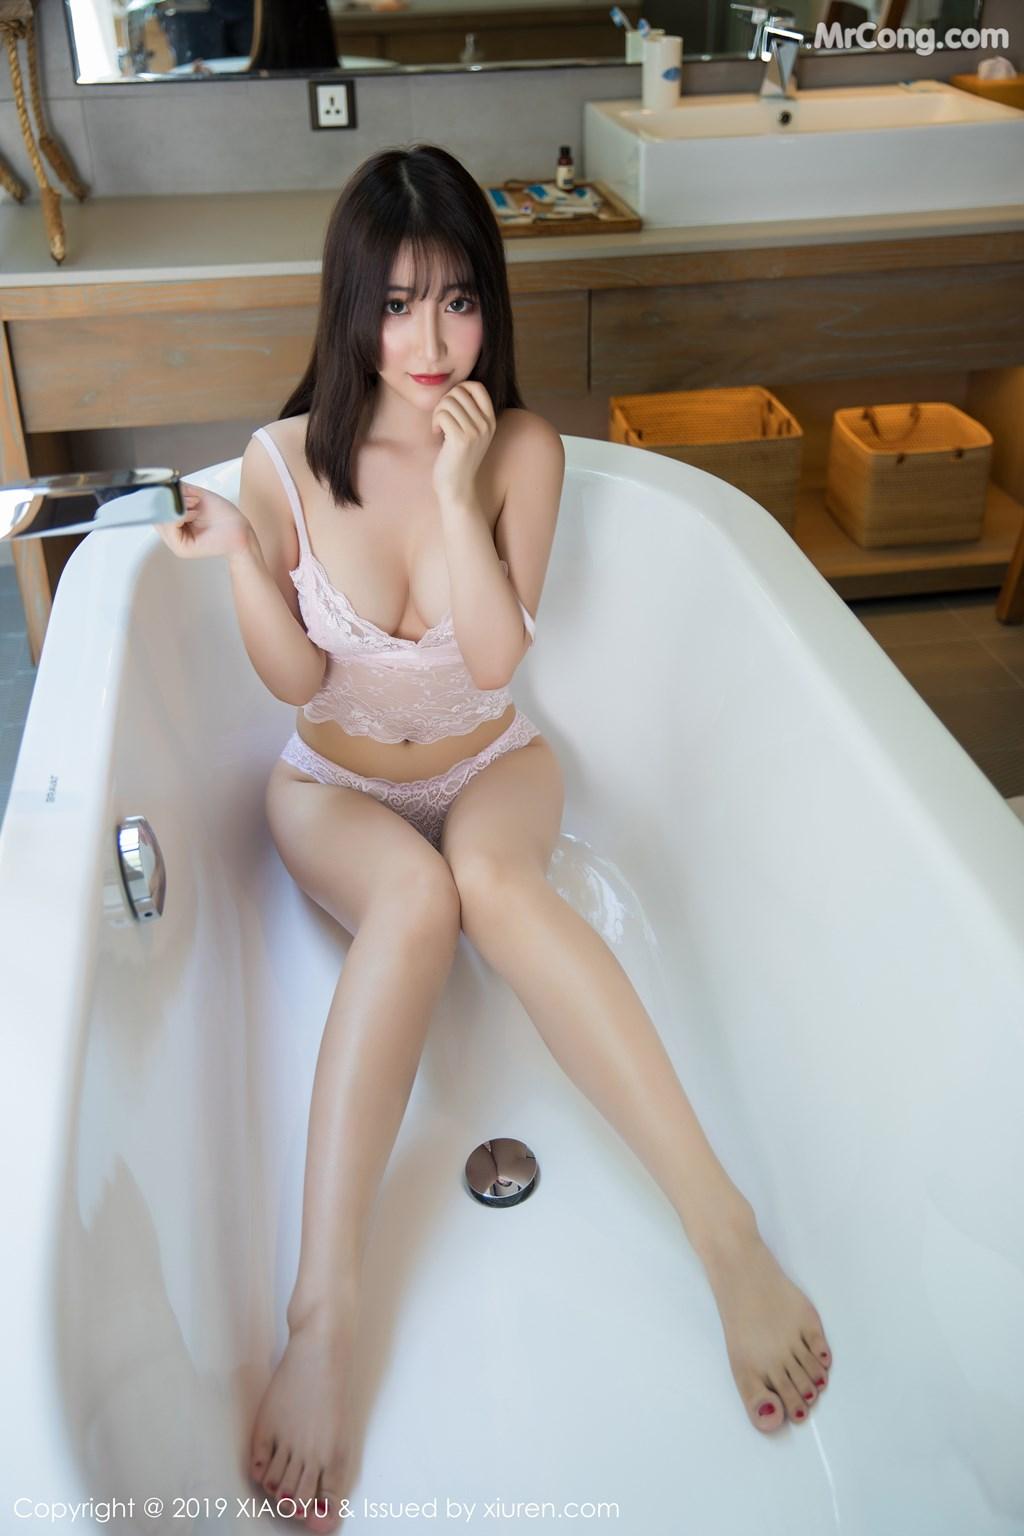 Image XiaoYu-Vol.147-Cherry-MrCong.com-048 in post XiaoYu Vol.147: 绯月樱-Cherry (66 ảnh)